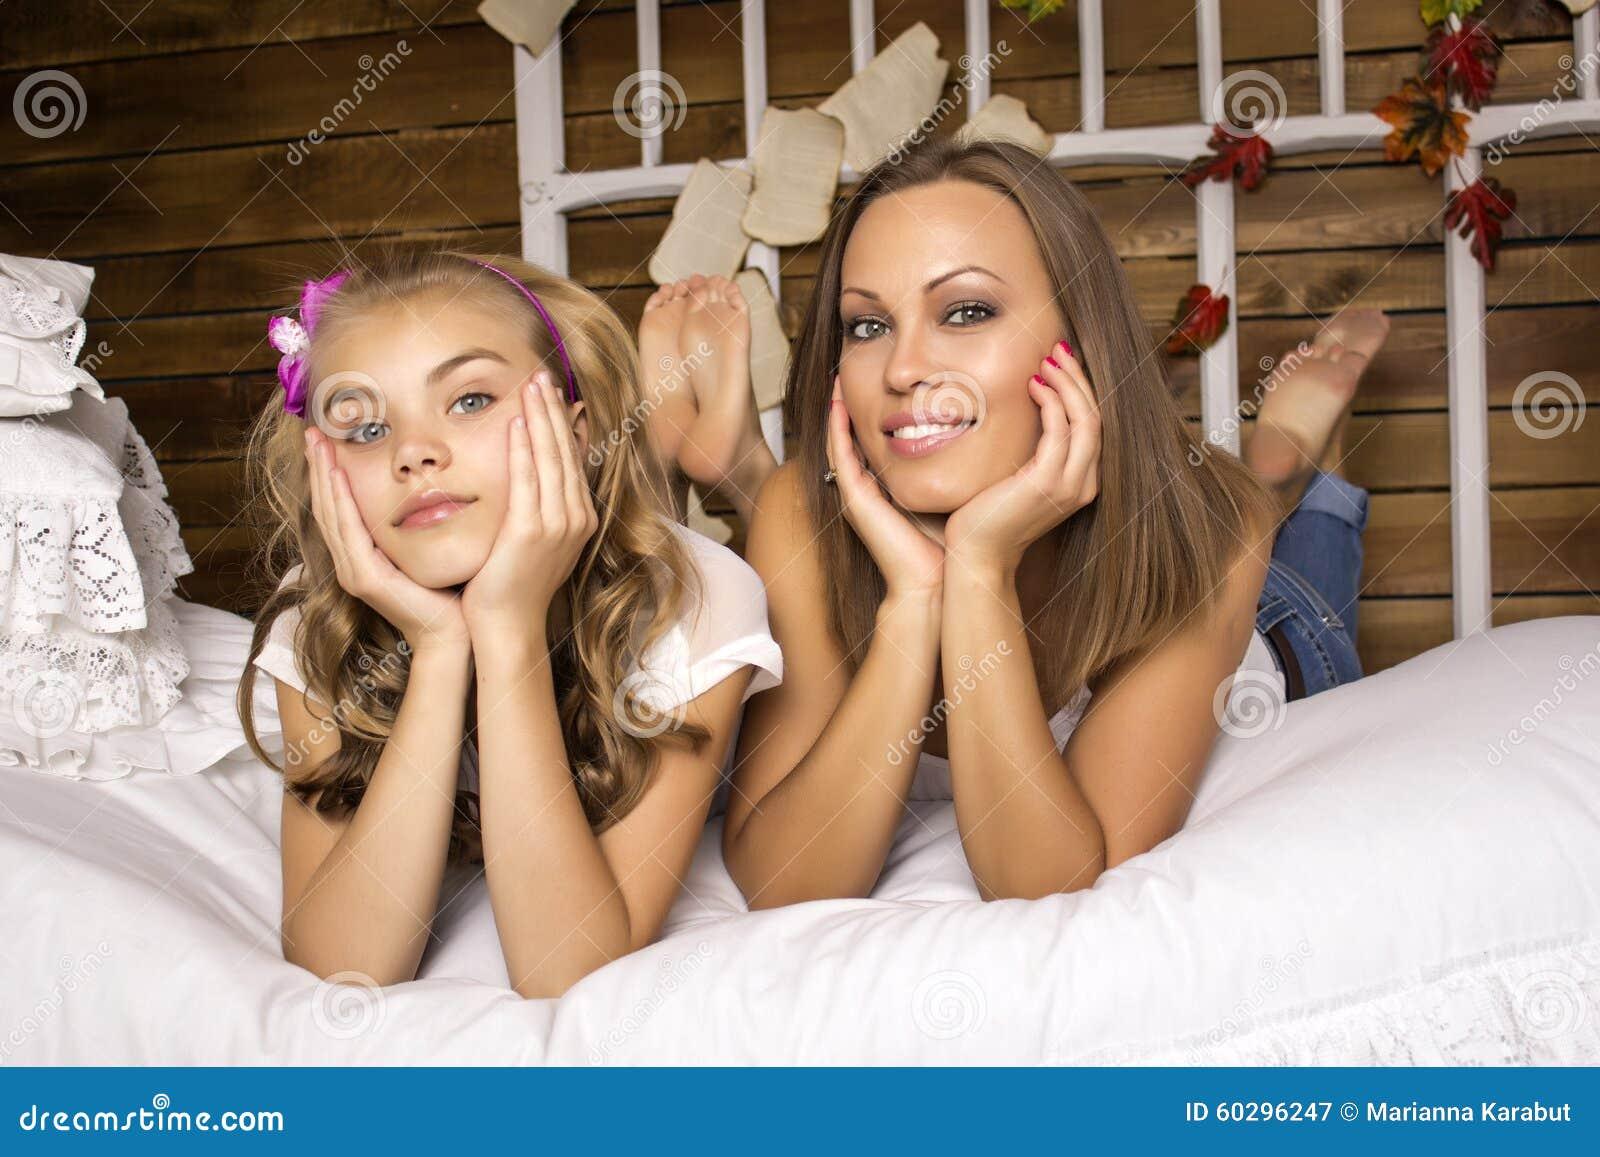 Трахнул свою дочь и мать, Секс с дочерью » Порно мамочки онлайн Full HD 24 фотография